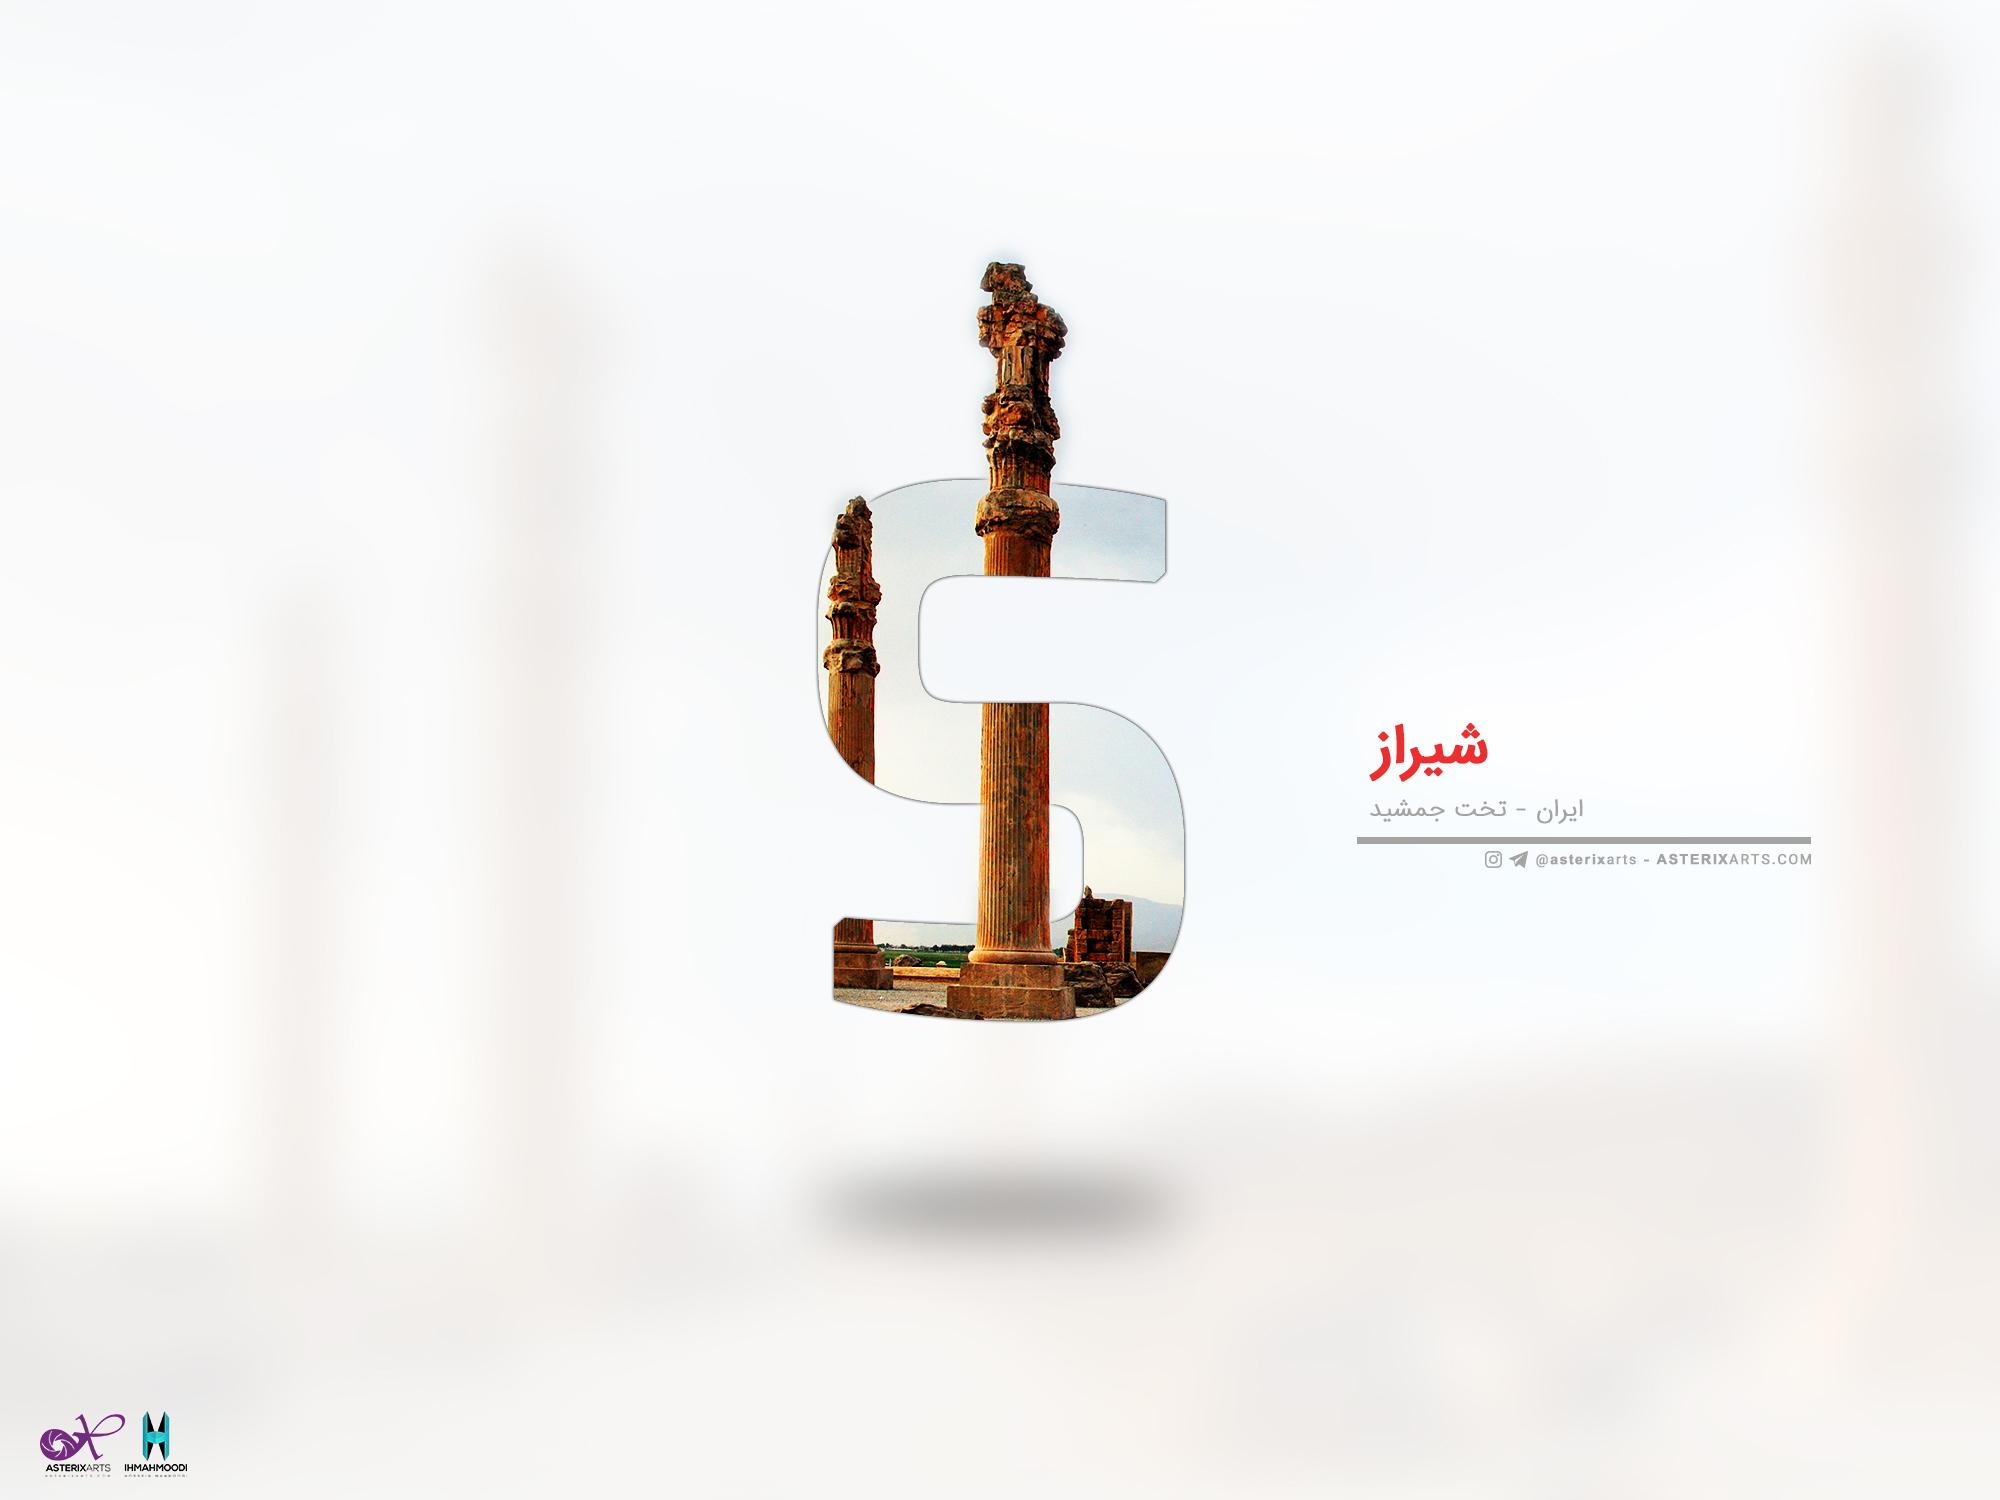 نماد شهرهای ایران ( Iran Cities Icons )